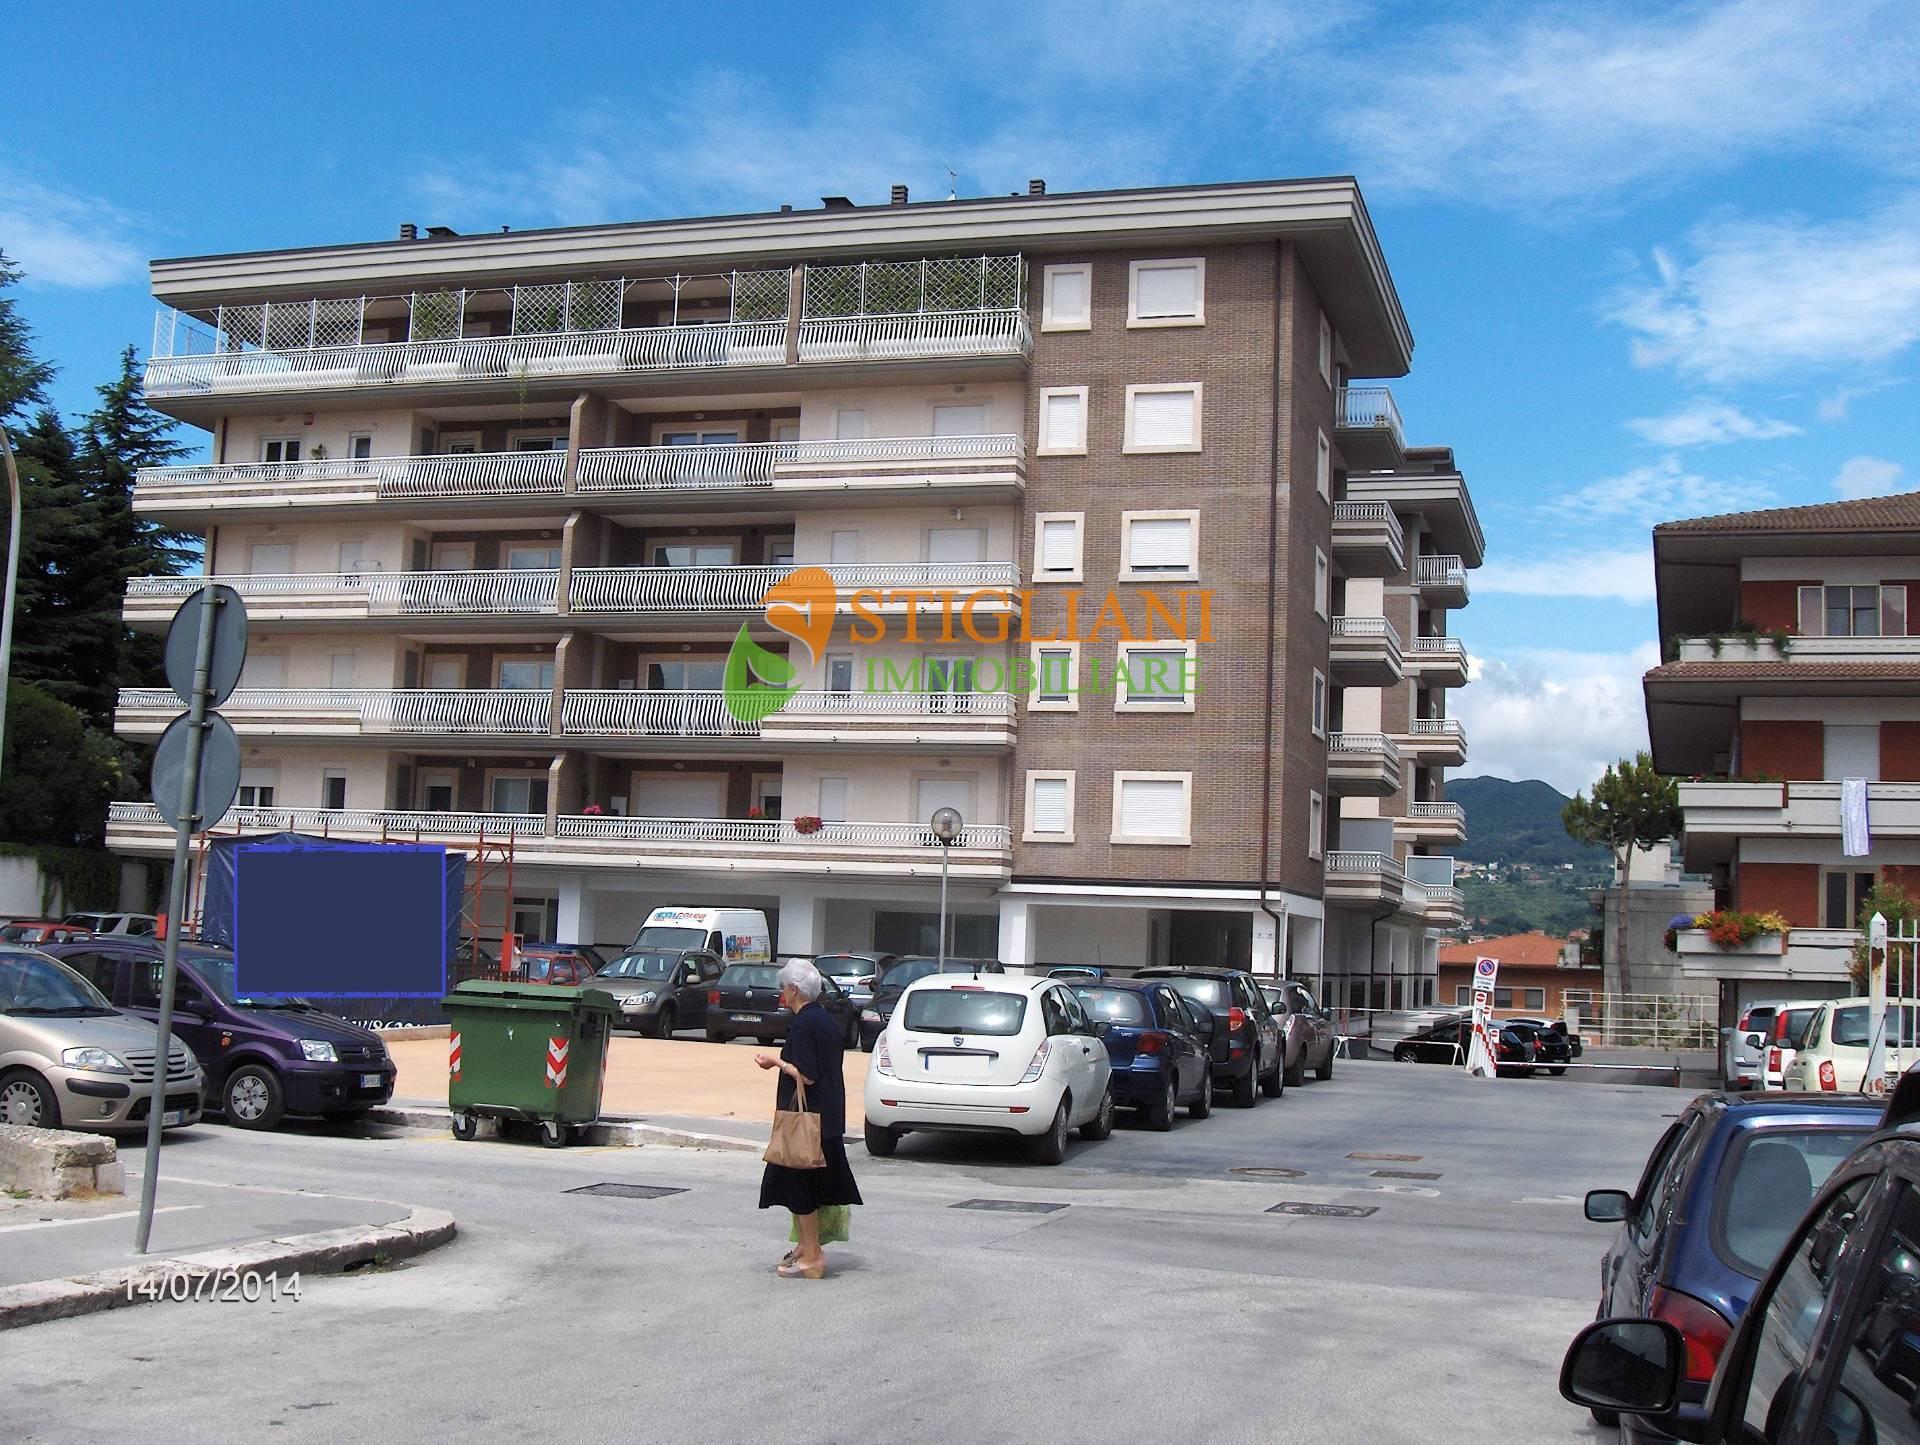 Fondo commerciale in vendita a Isernia (IS)